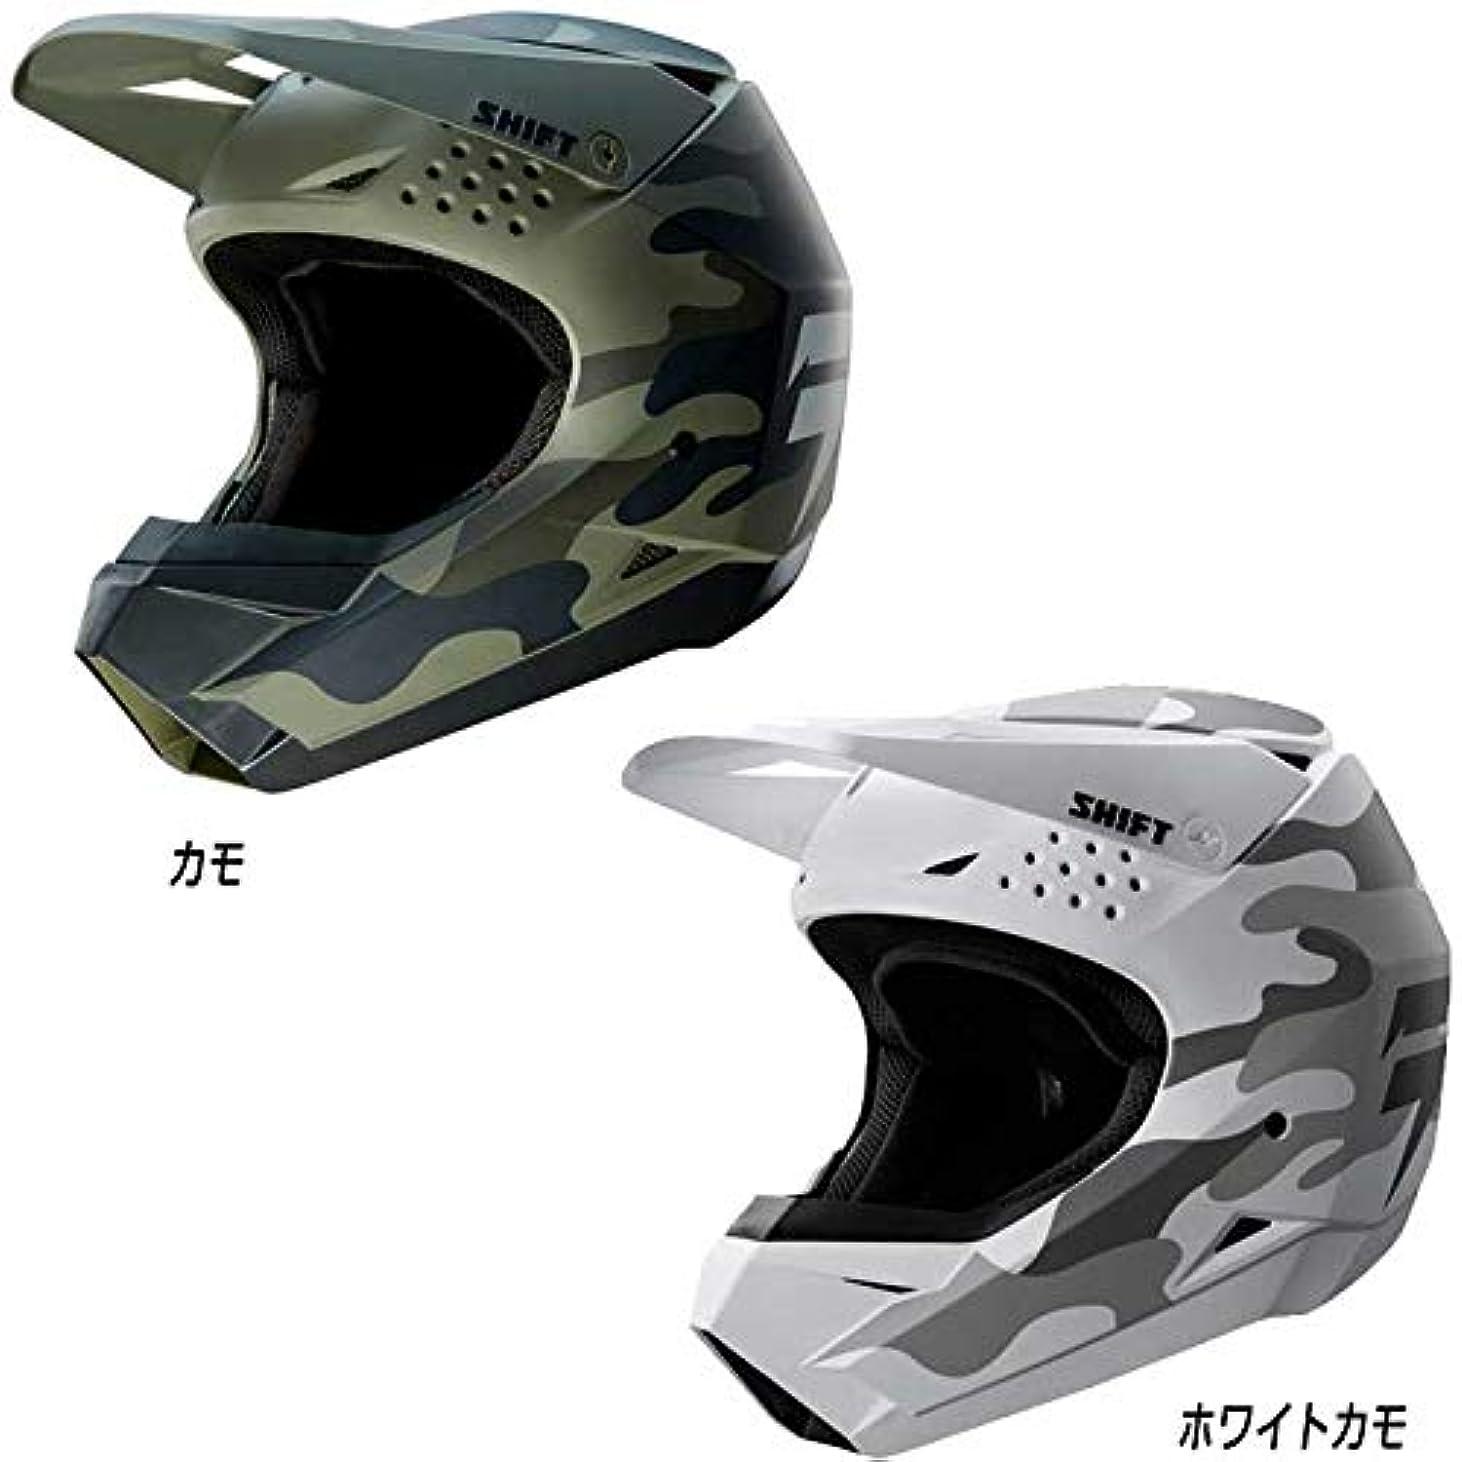 レザー債権者目の前のSHIFT シフト WHITE LABEL Whit3 CAMO 2019モデル モトクロスヘルメット オフロードヘルメット バイク(L(59~60cm) カモ)